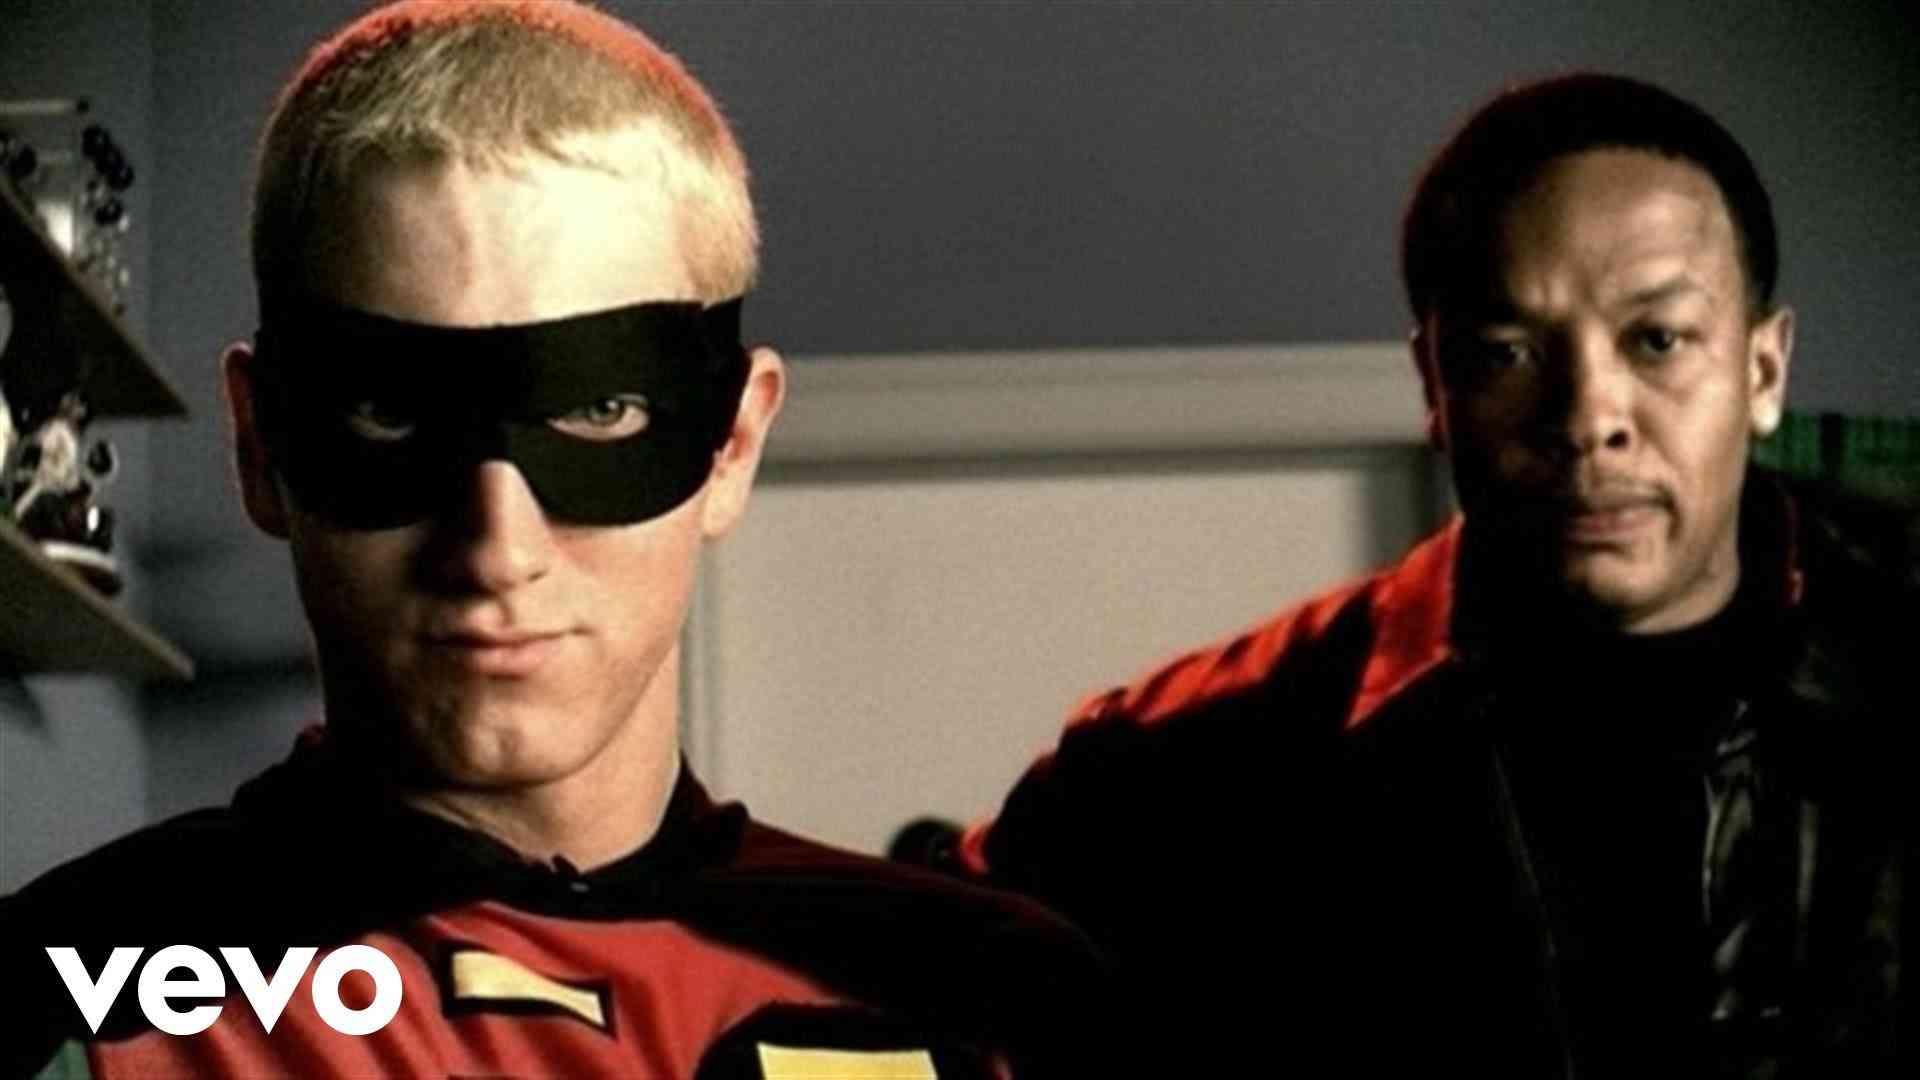 Eminem - Without Me - YouTube